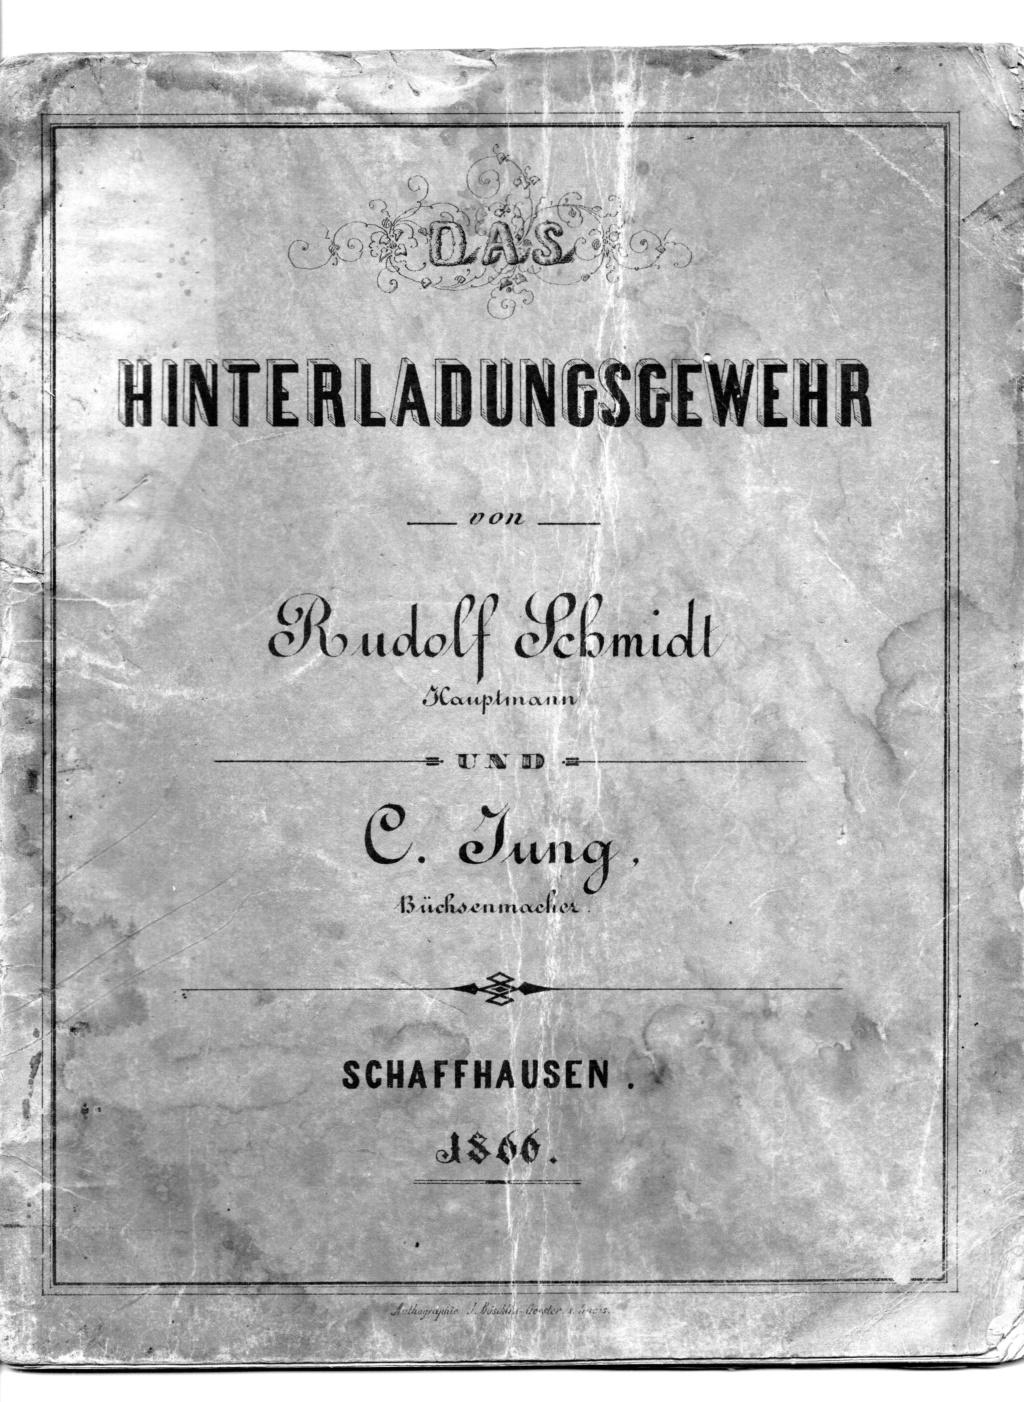 Manuel du revolver suisse 1882 Img20127